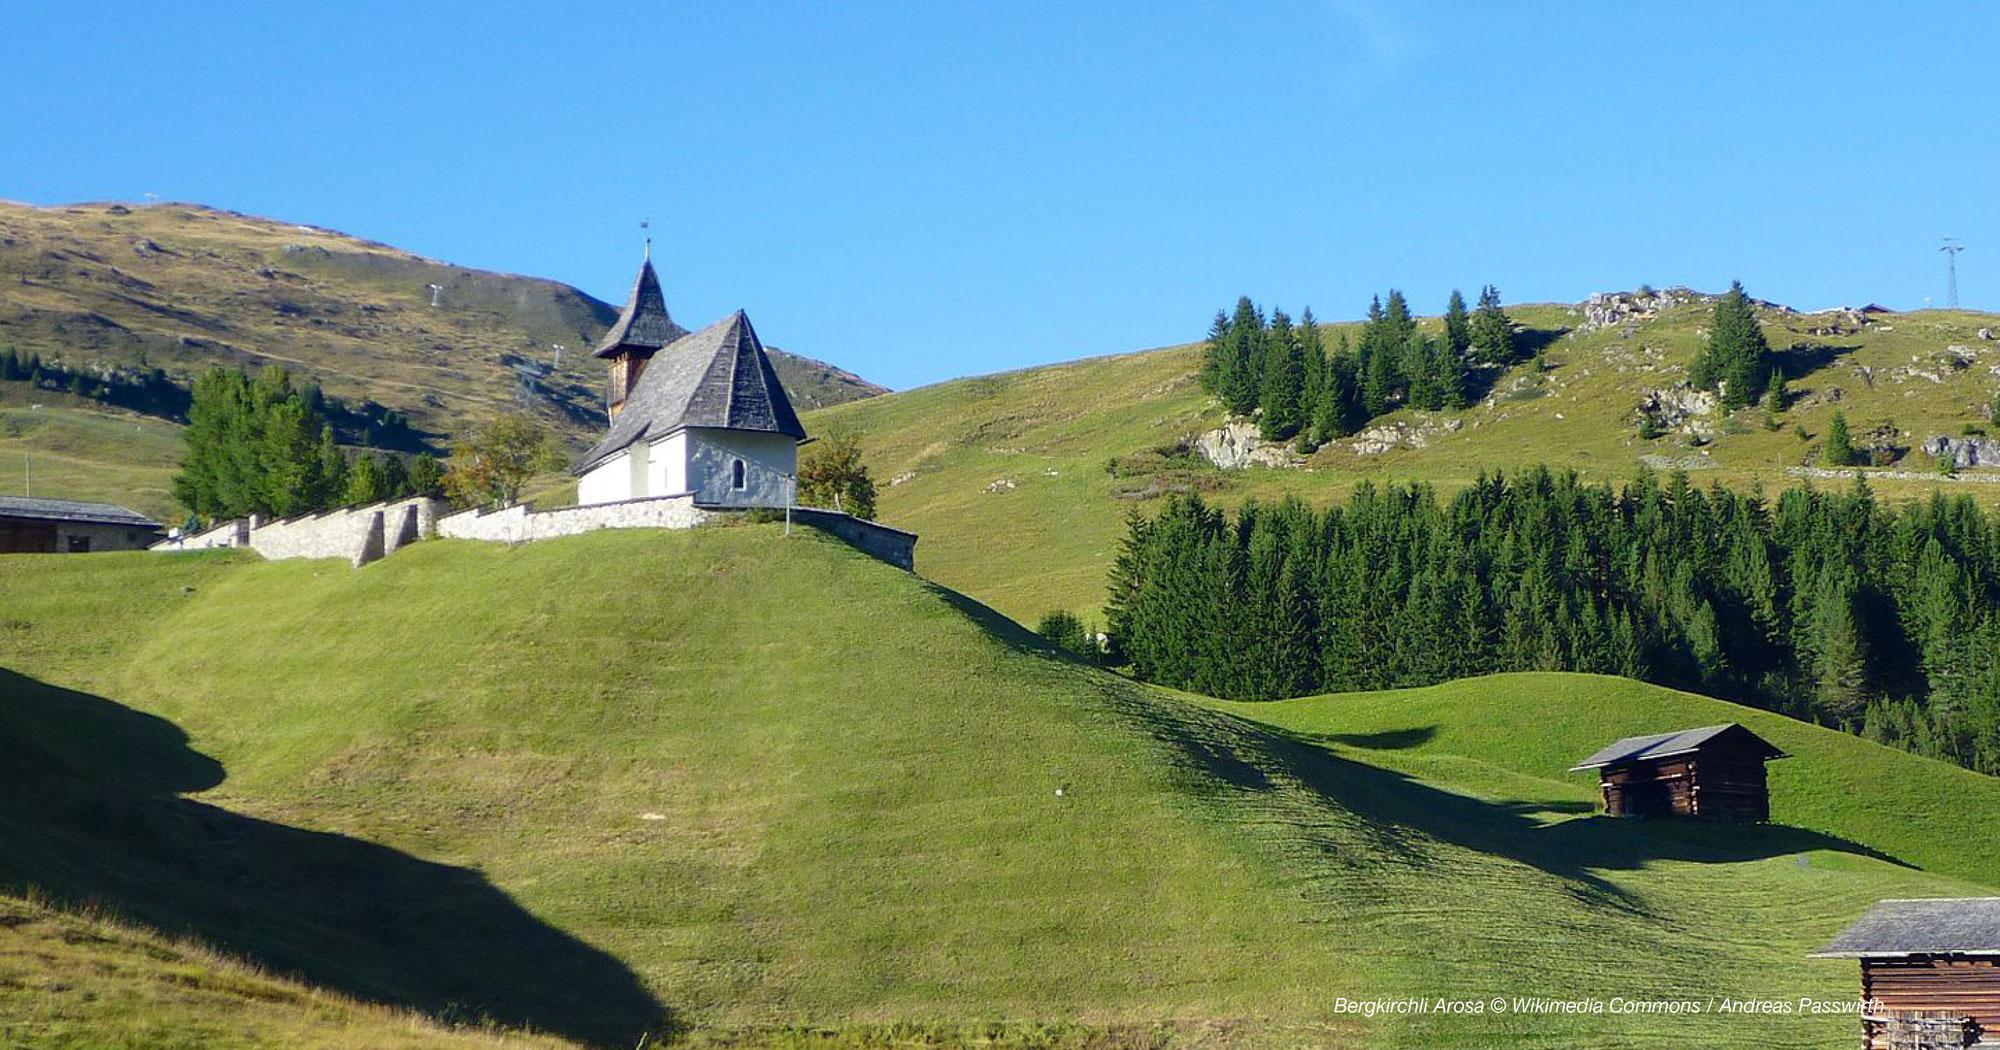 Arosa - Rund um das Bergkirchli & Eichhörnliweg